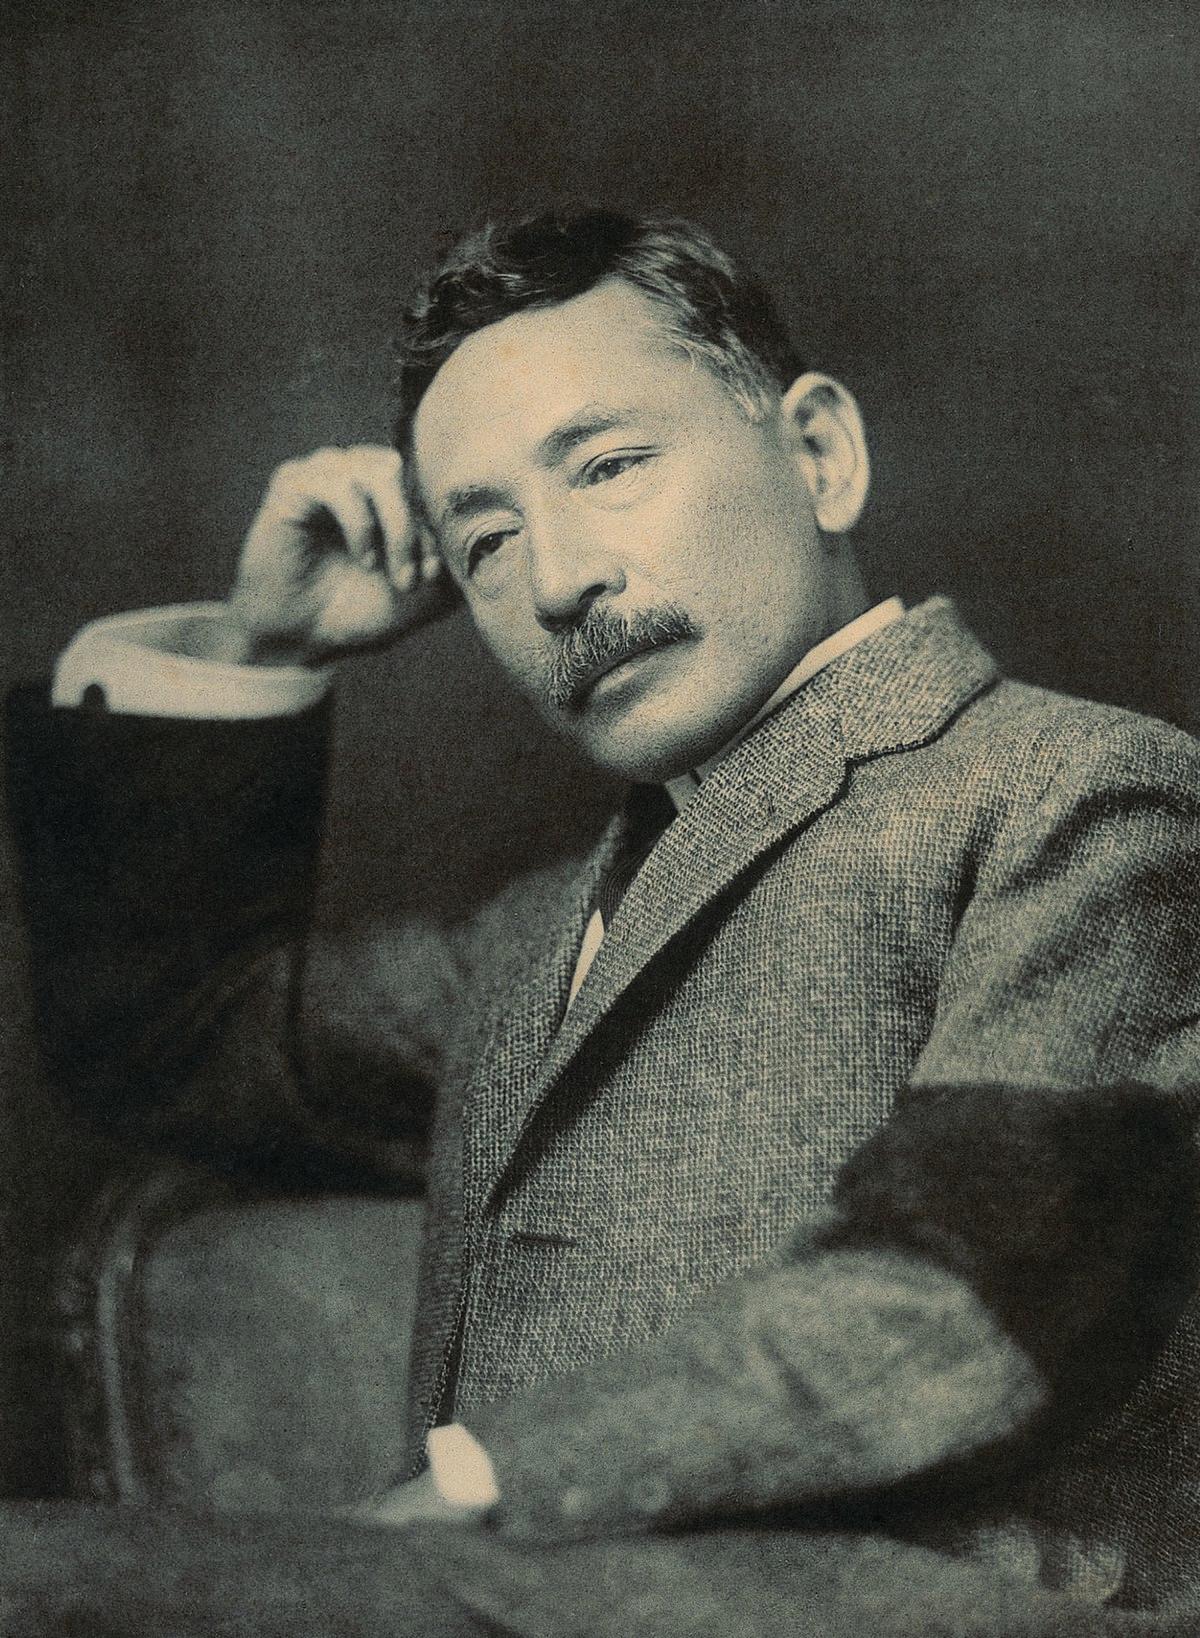 夏目漱石 - Wikipedia